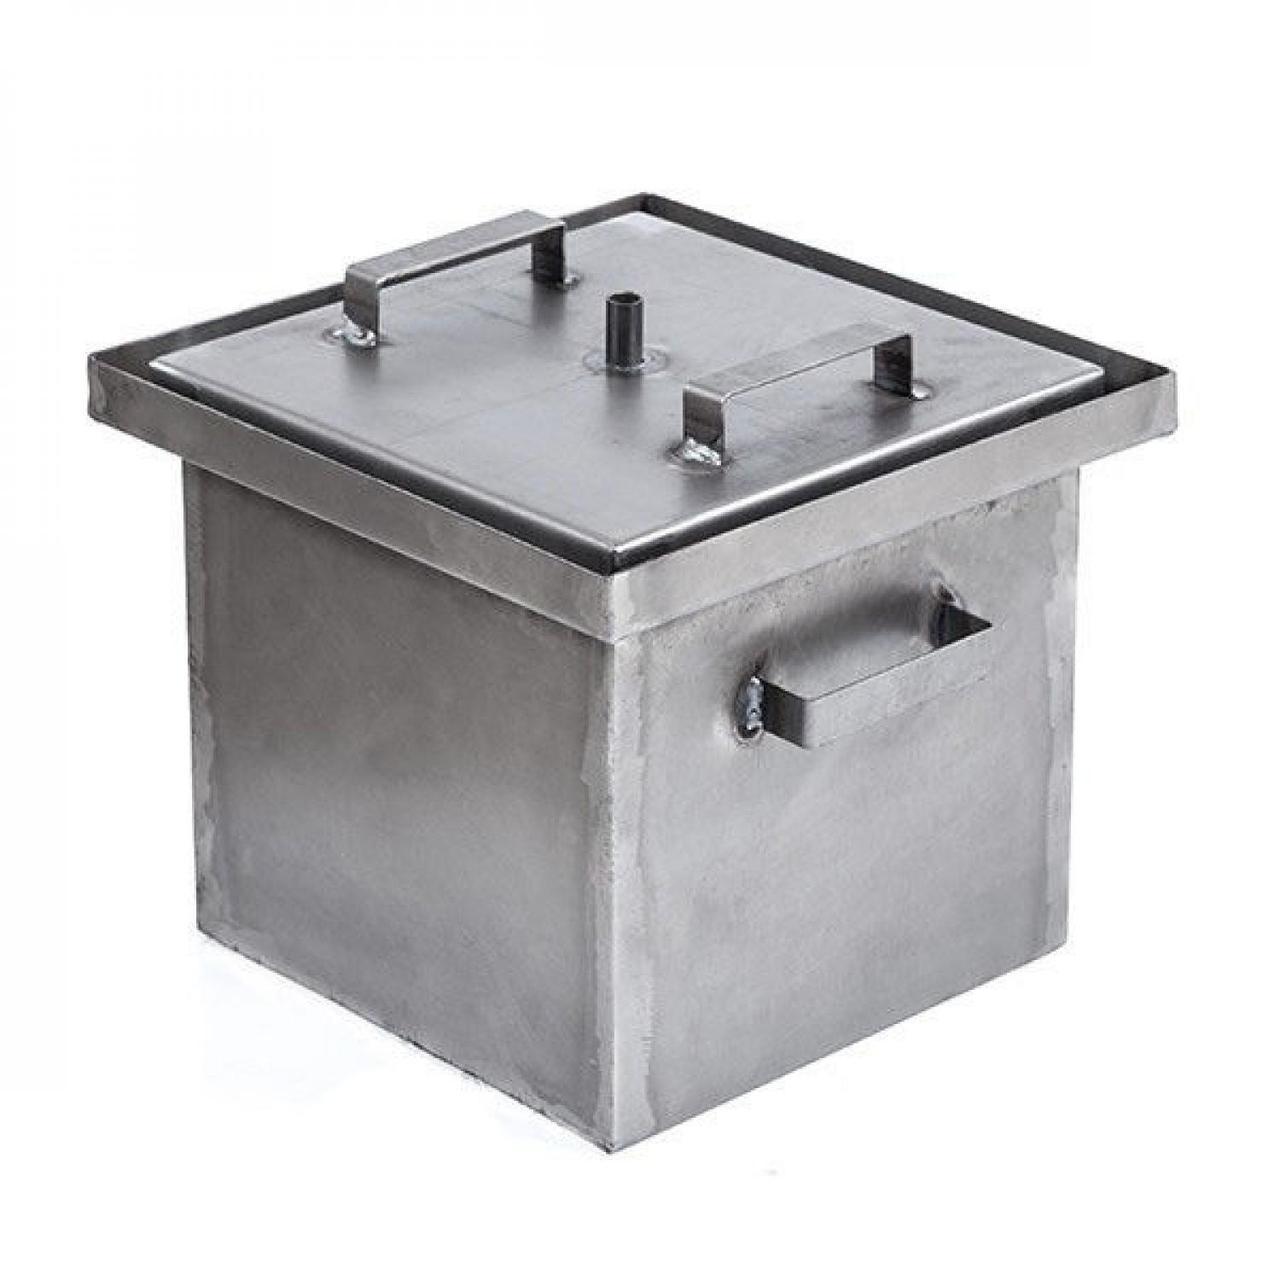 Коптильня с гидрозатвором 3 уровня и поддон 400Х400Х600 металл 1.5мм вертикальная